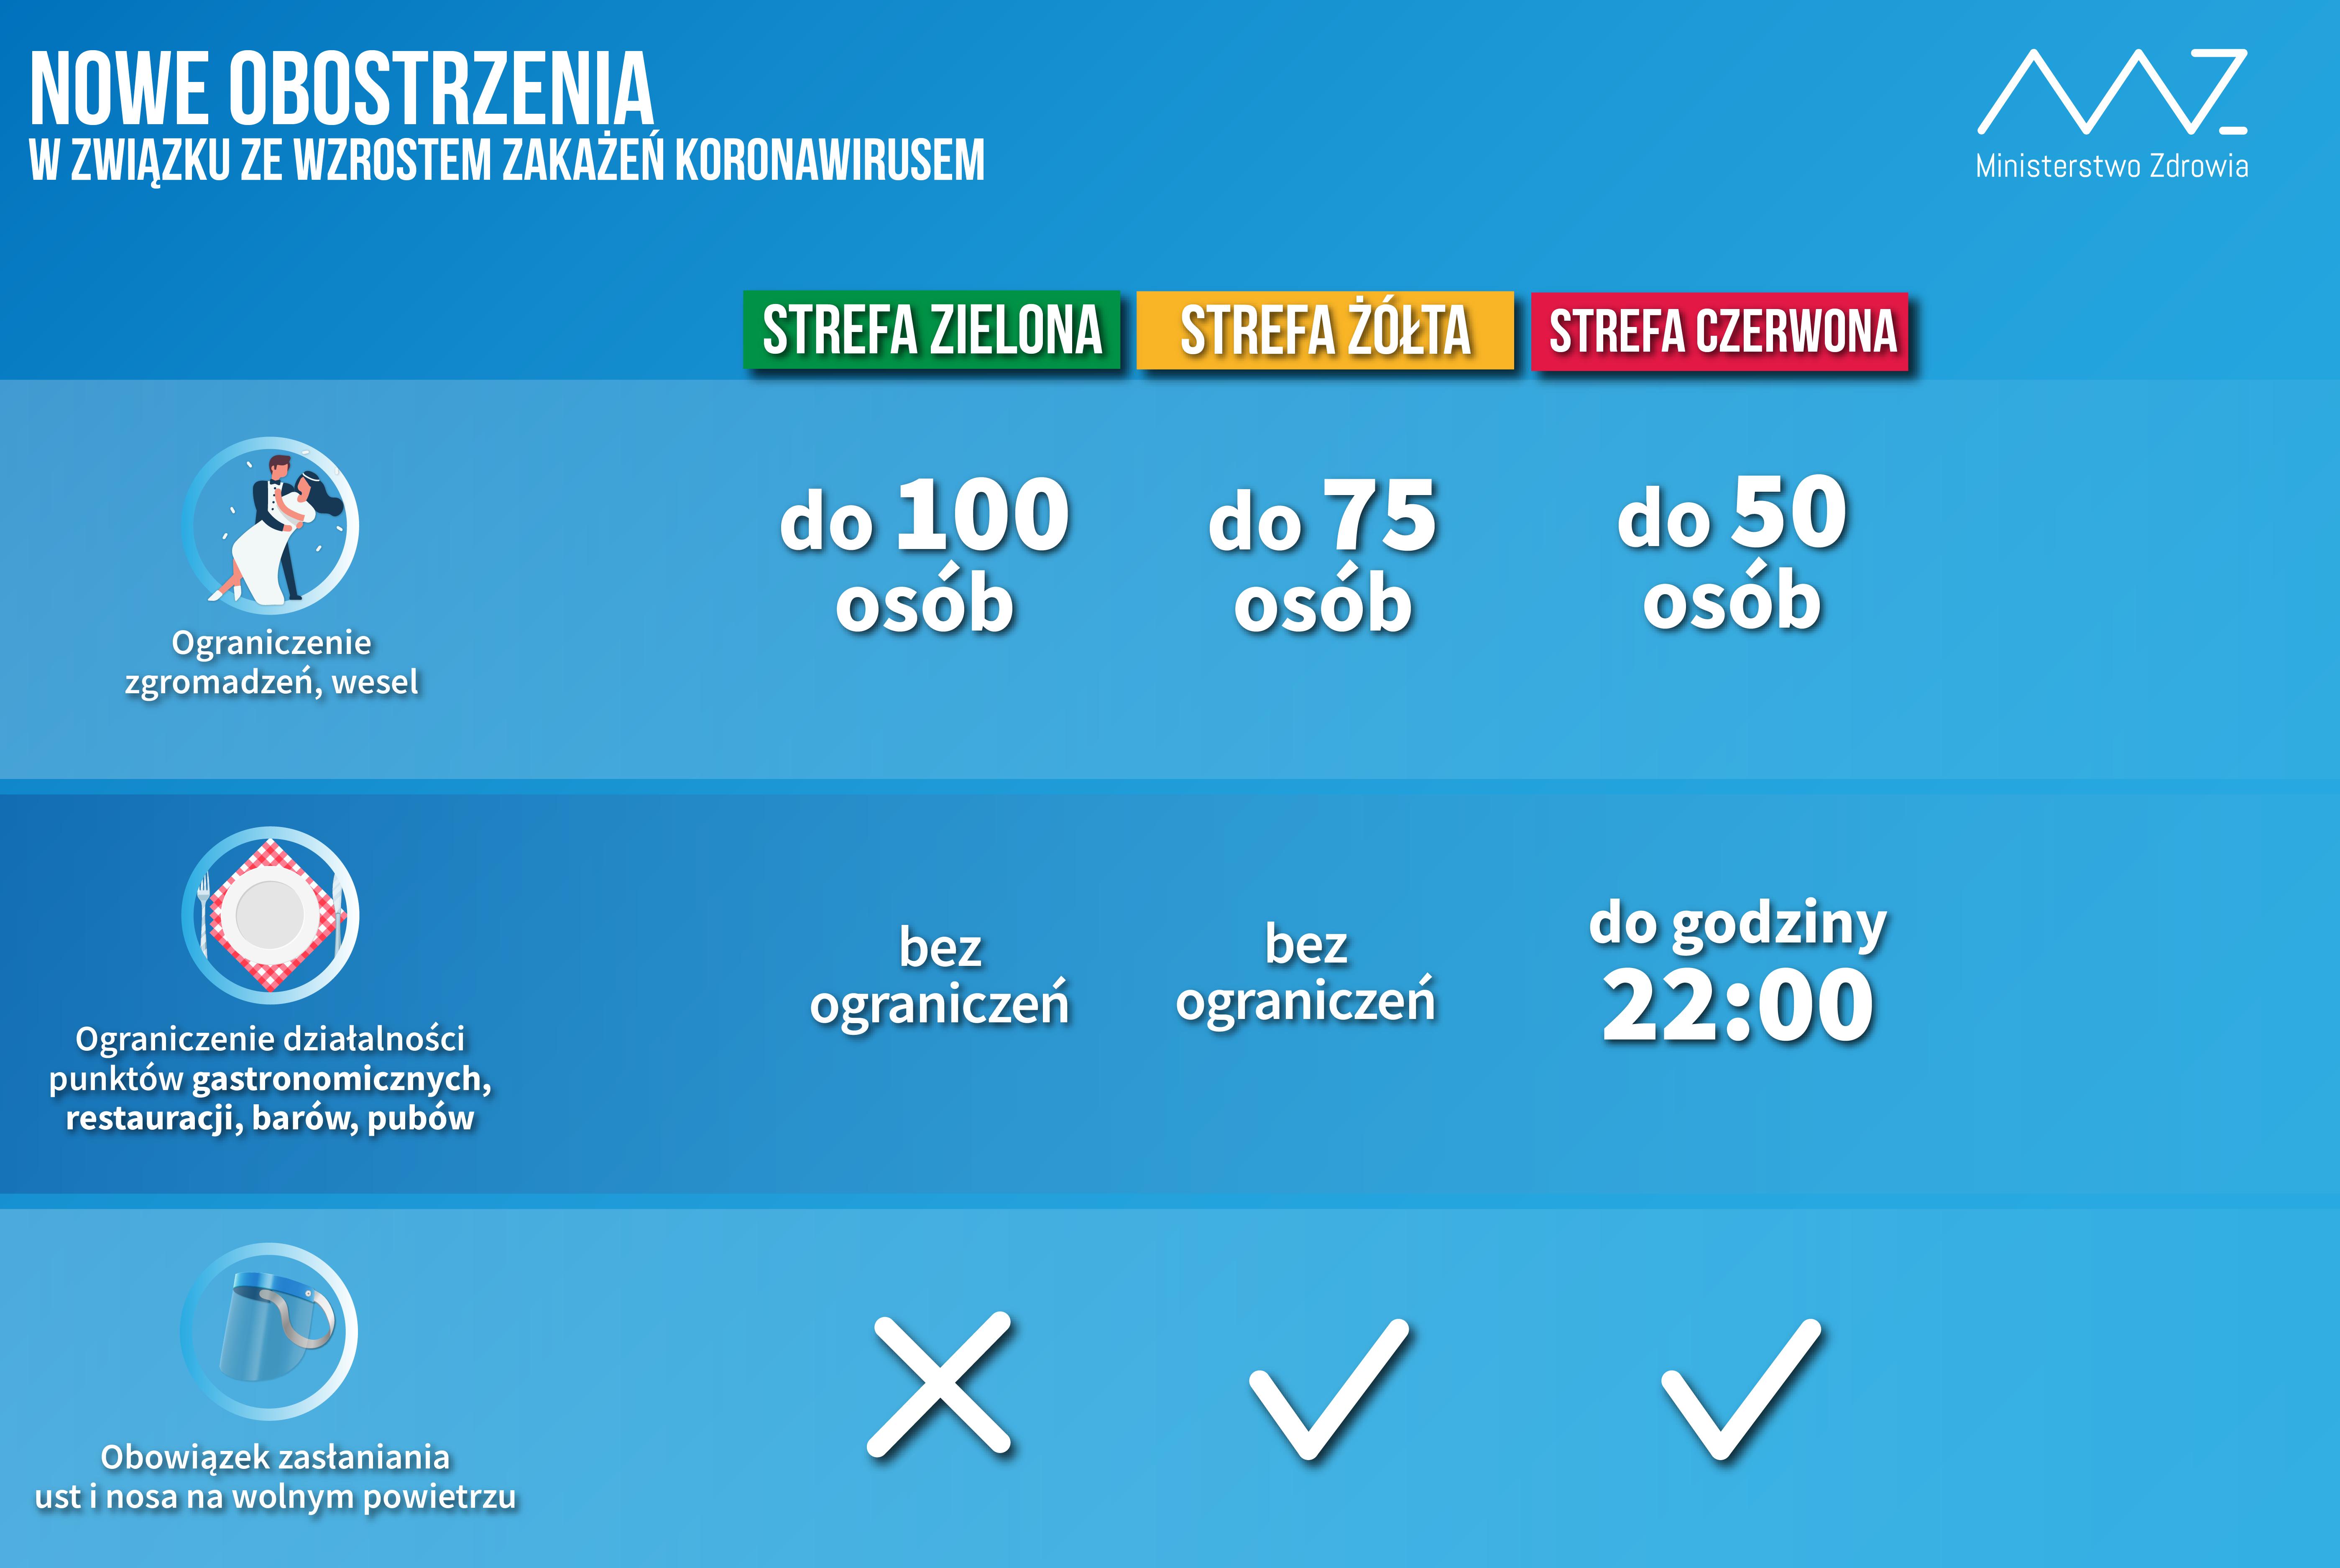 Infografika przygotowana przez Ministerstwo Zdrowia